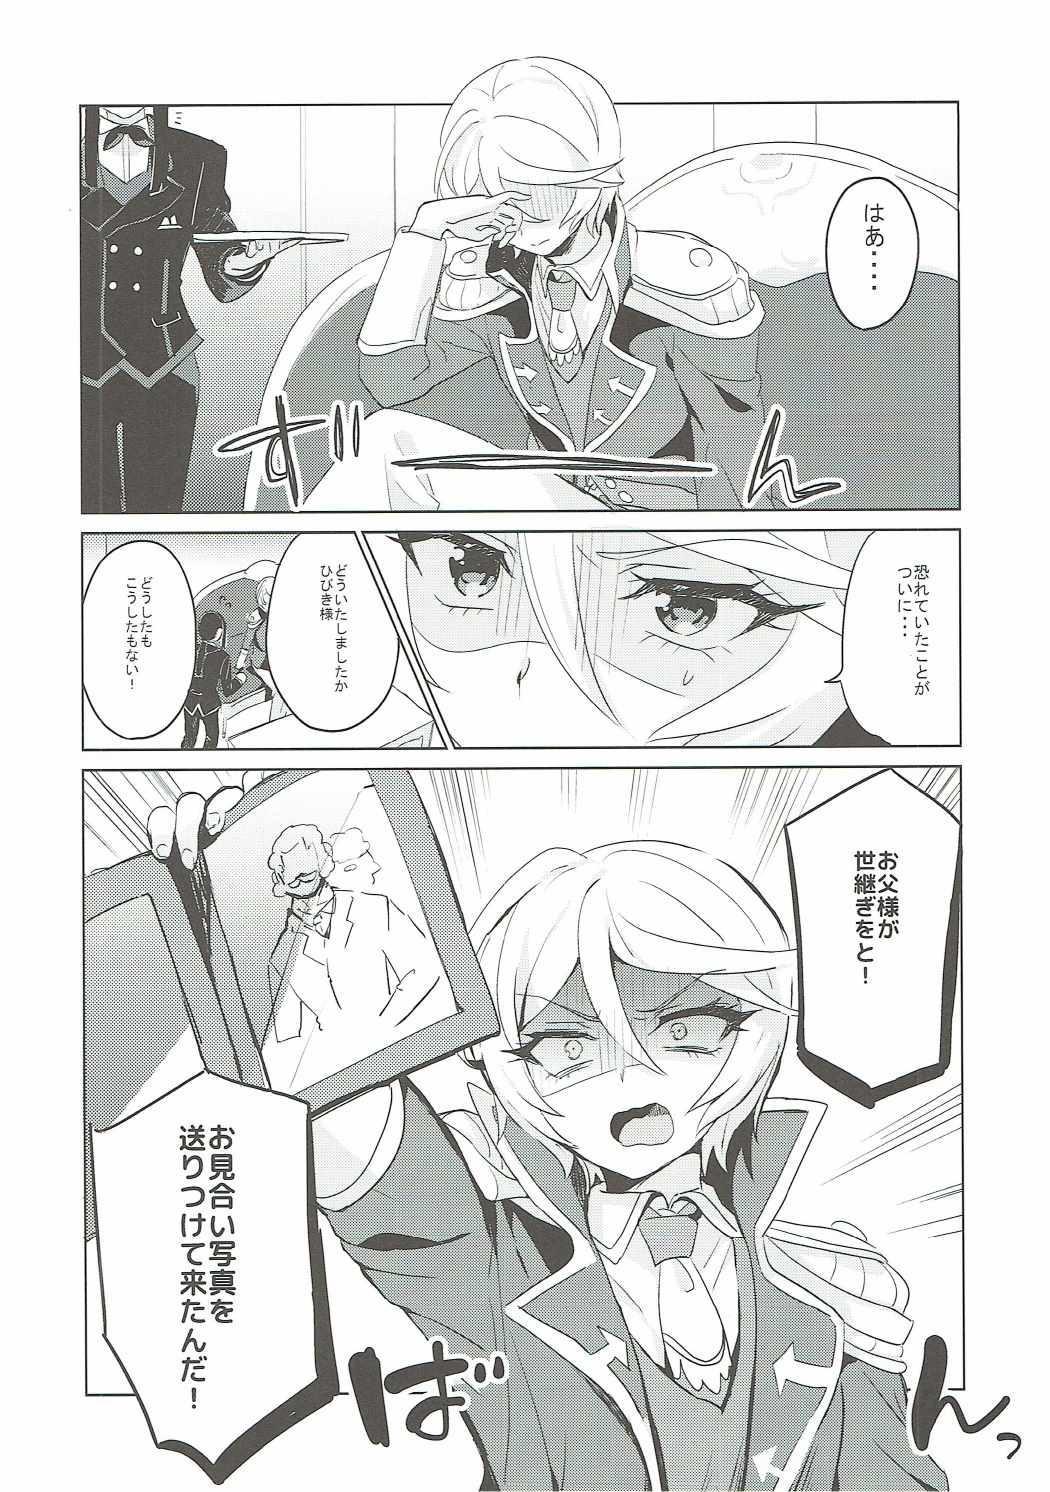 Soshitara Zenbu Yurushite Yaru 4